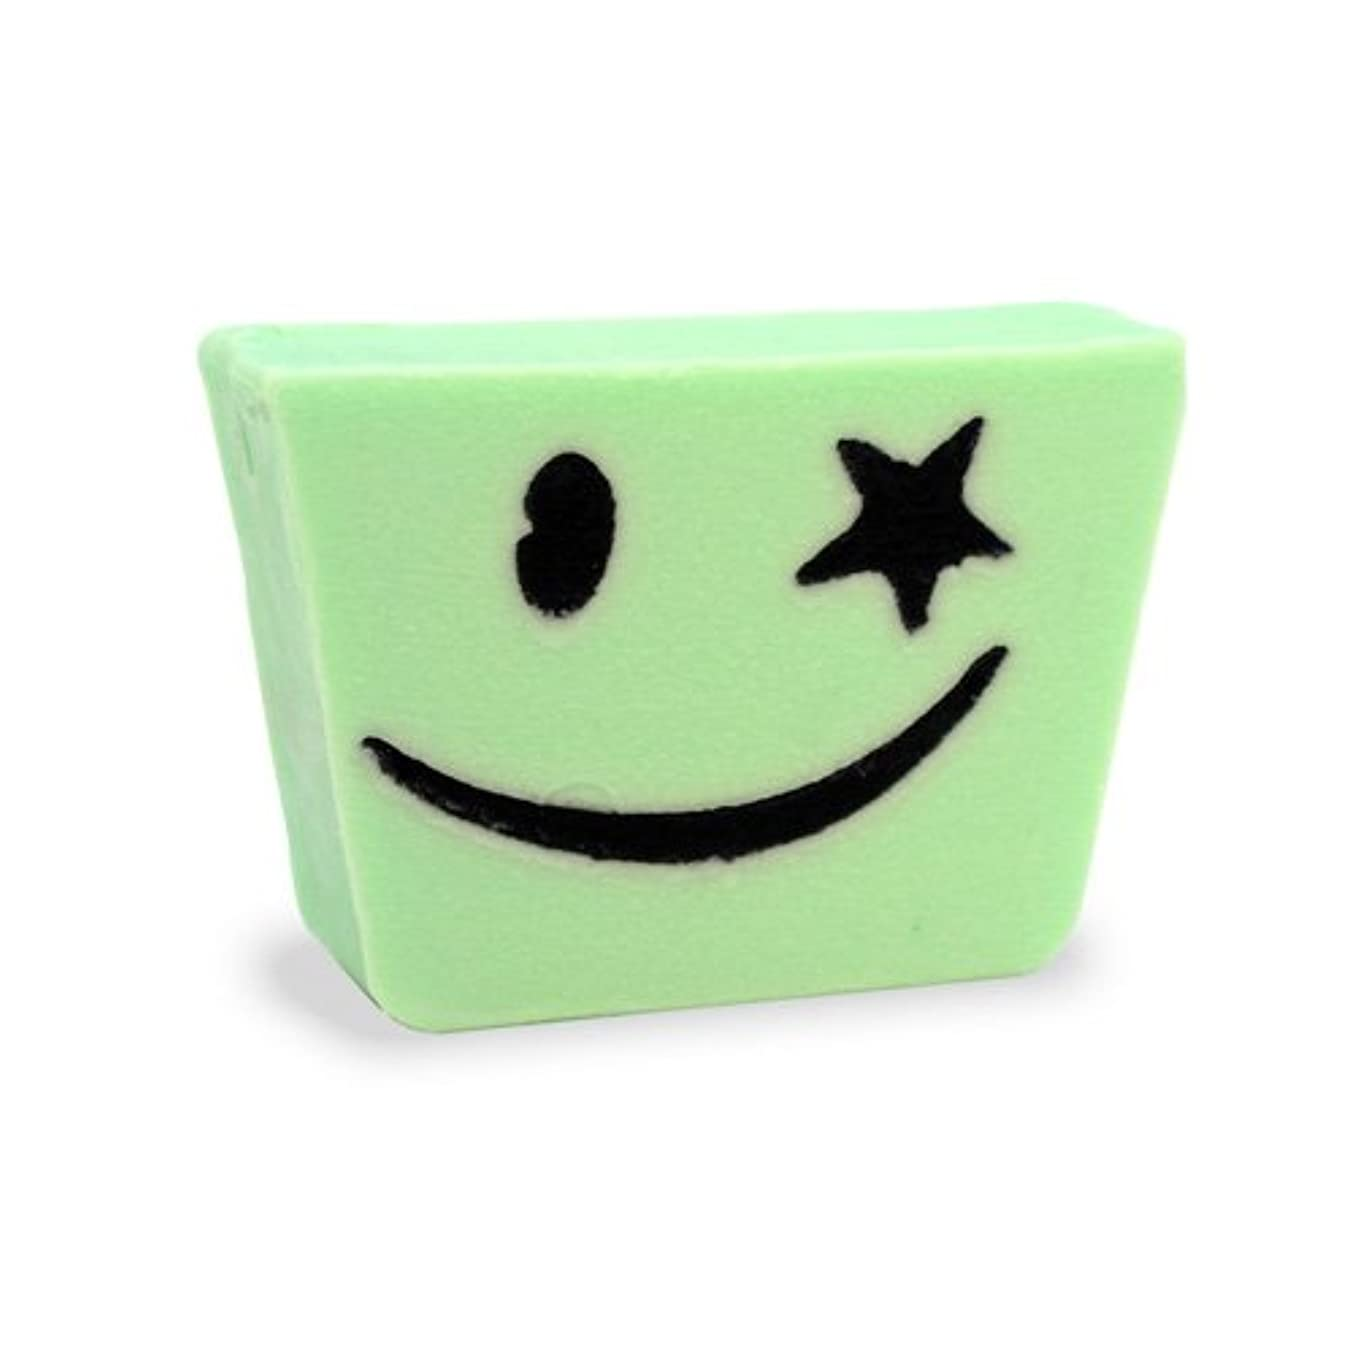 パズル娯楽装備するプライモールエレメンツ アロマティック ミニソープ ハッピーグリーン 80g 植物性 ナチュラル 石鹸 無添加